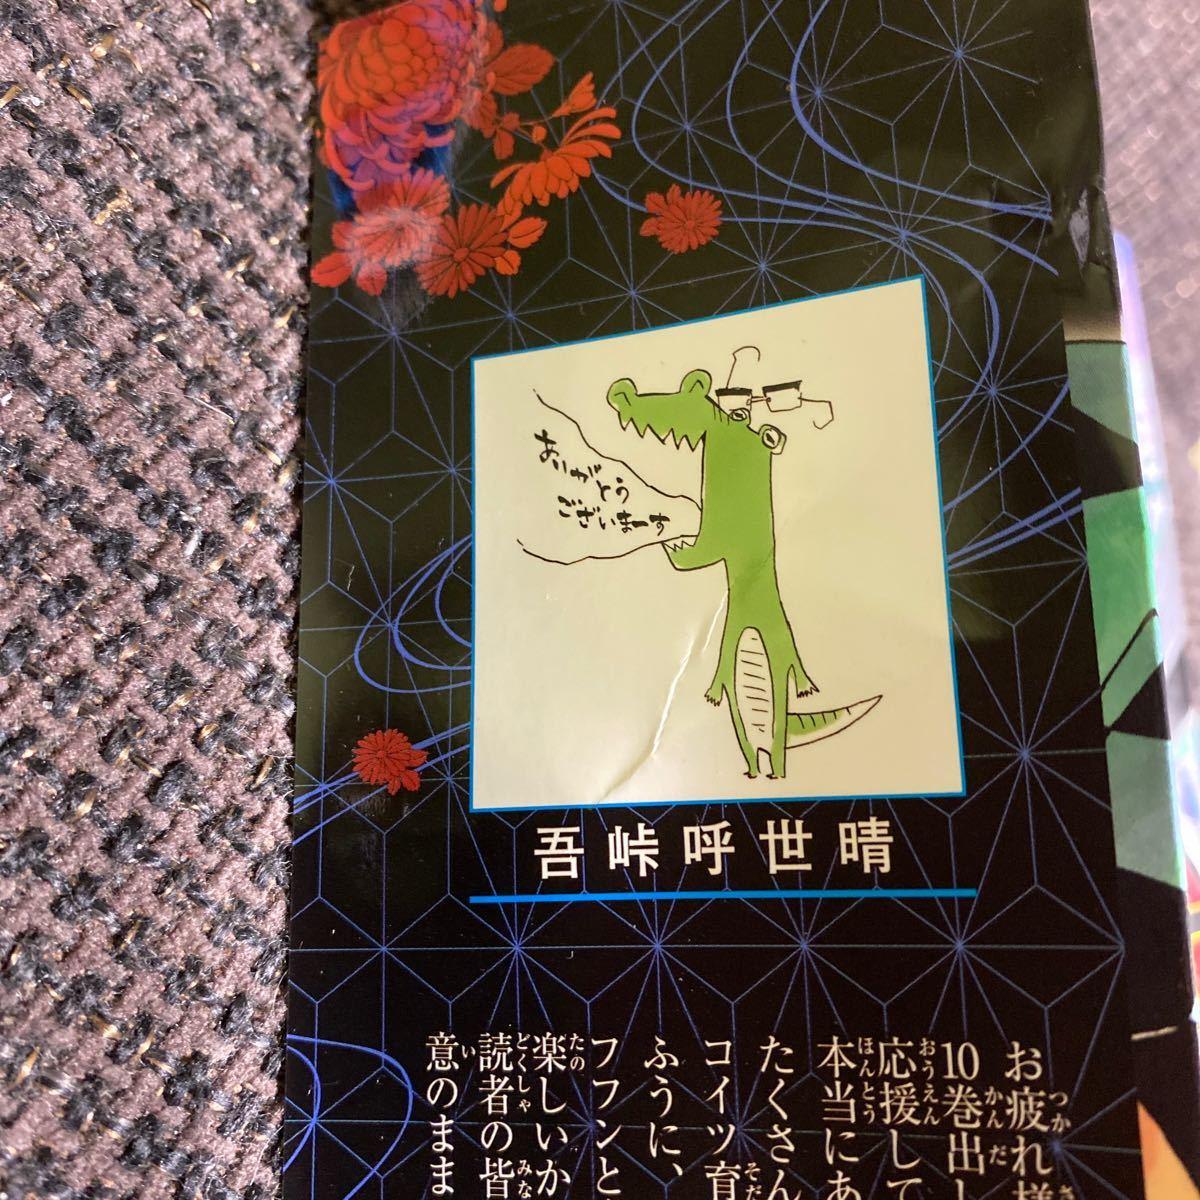 集英社 鬼滅の刃    9巻、10巻  2017年 〜18年第1印刷発行